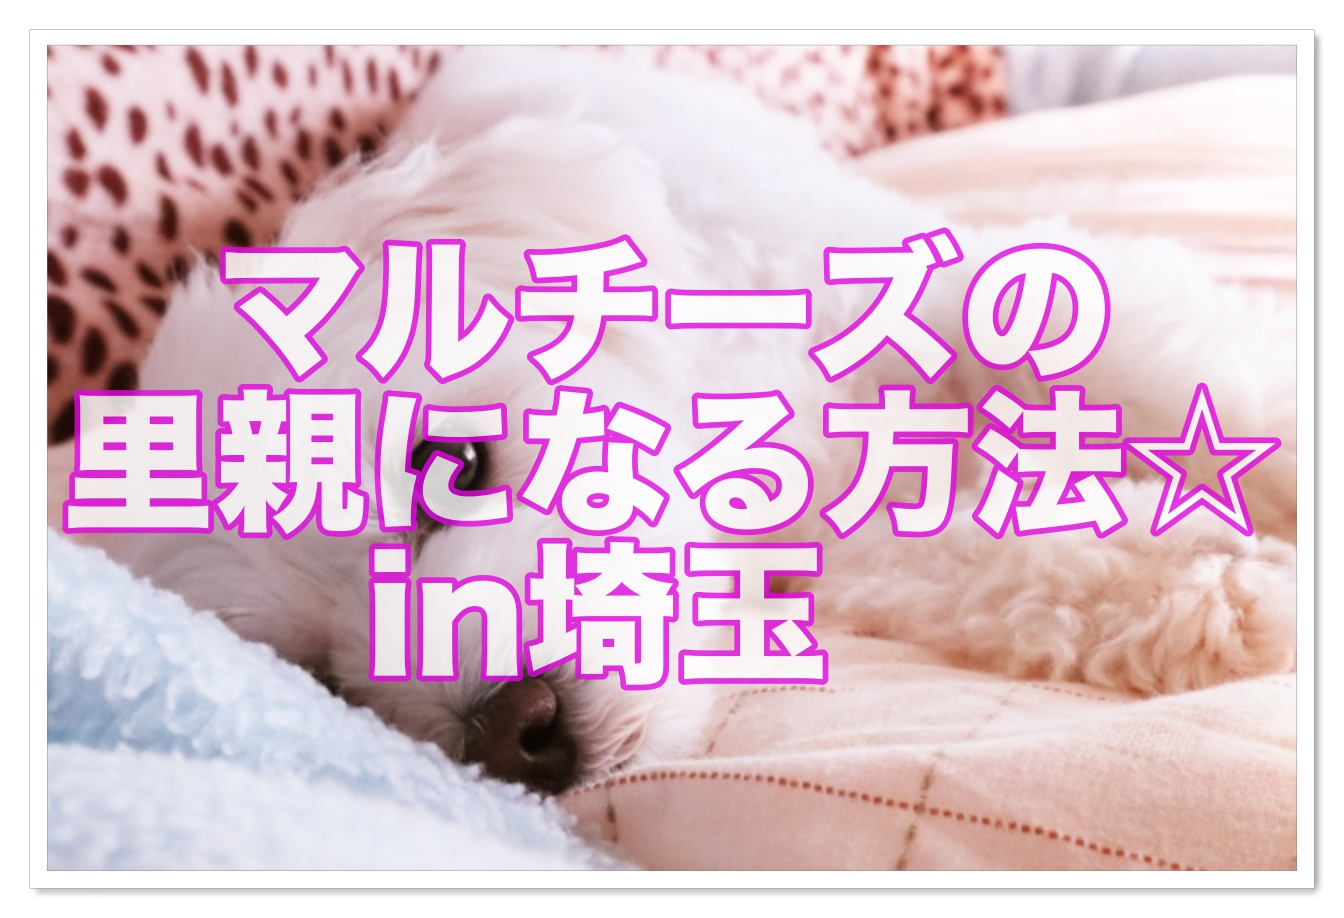 譲り ます 無料 埼玉 子犬